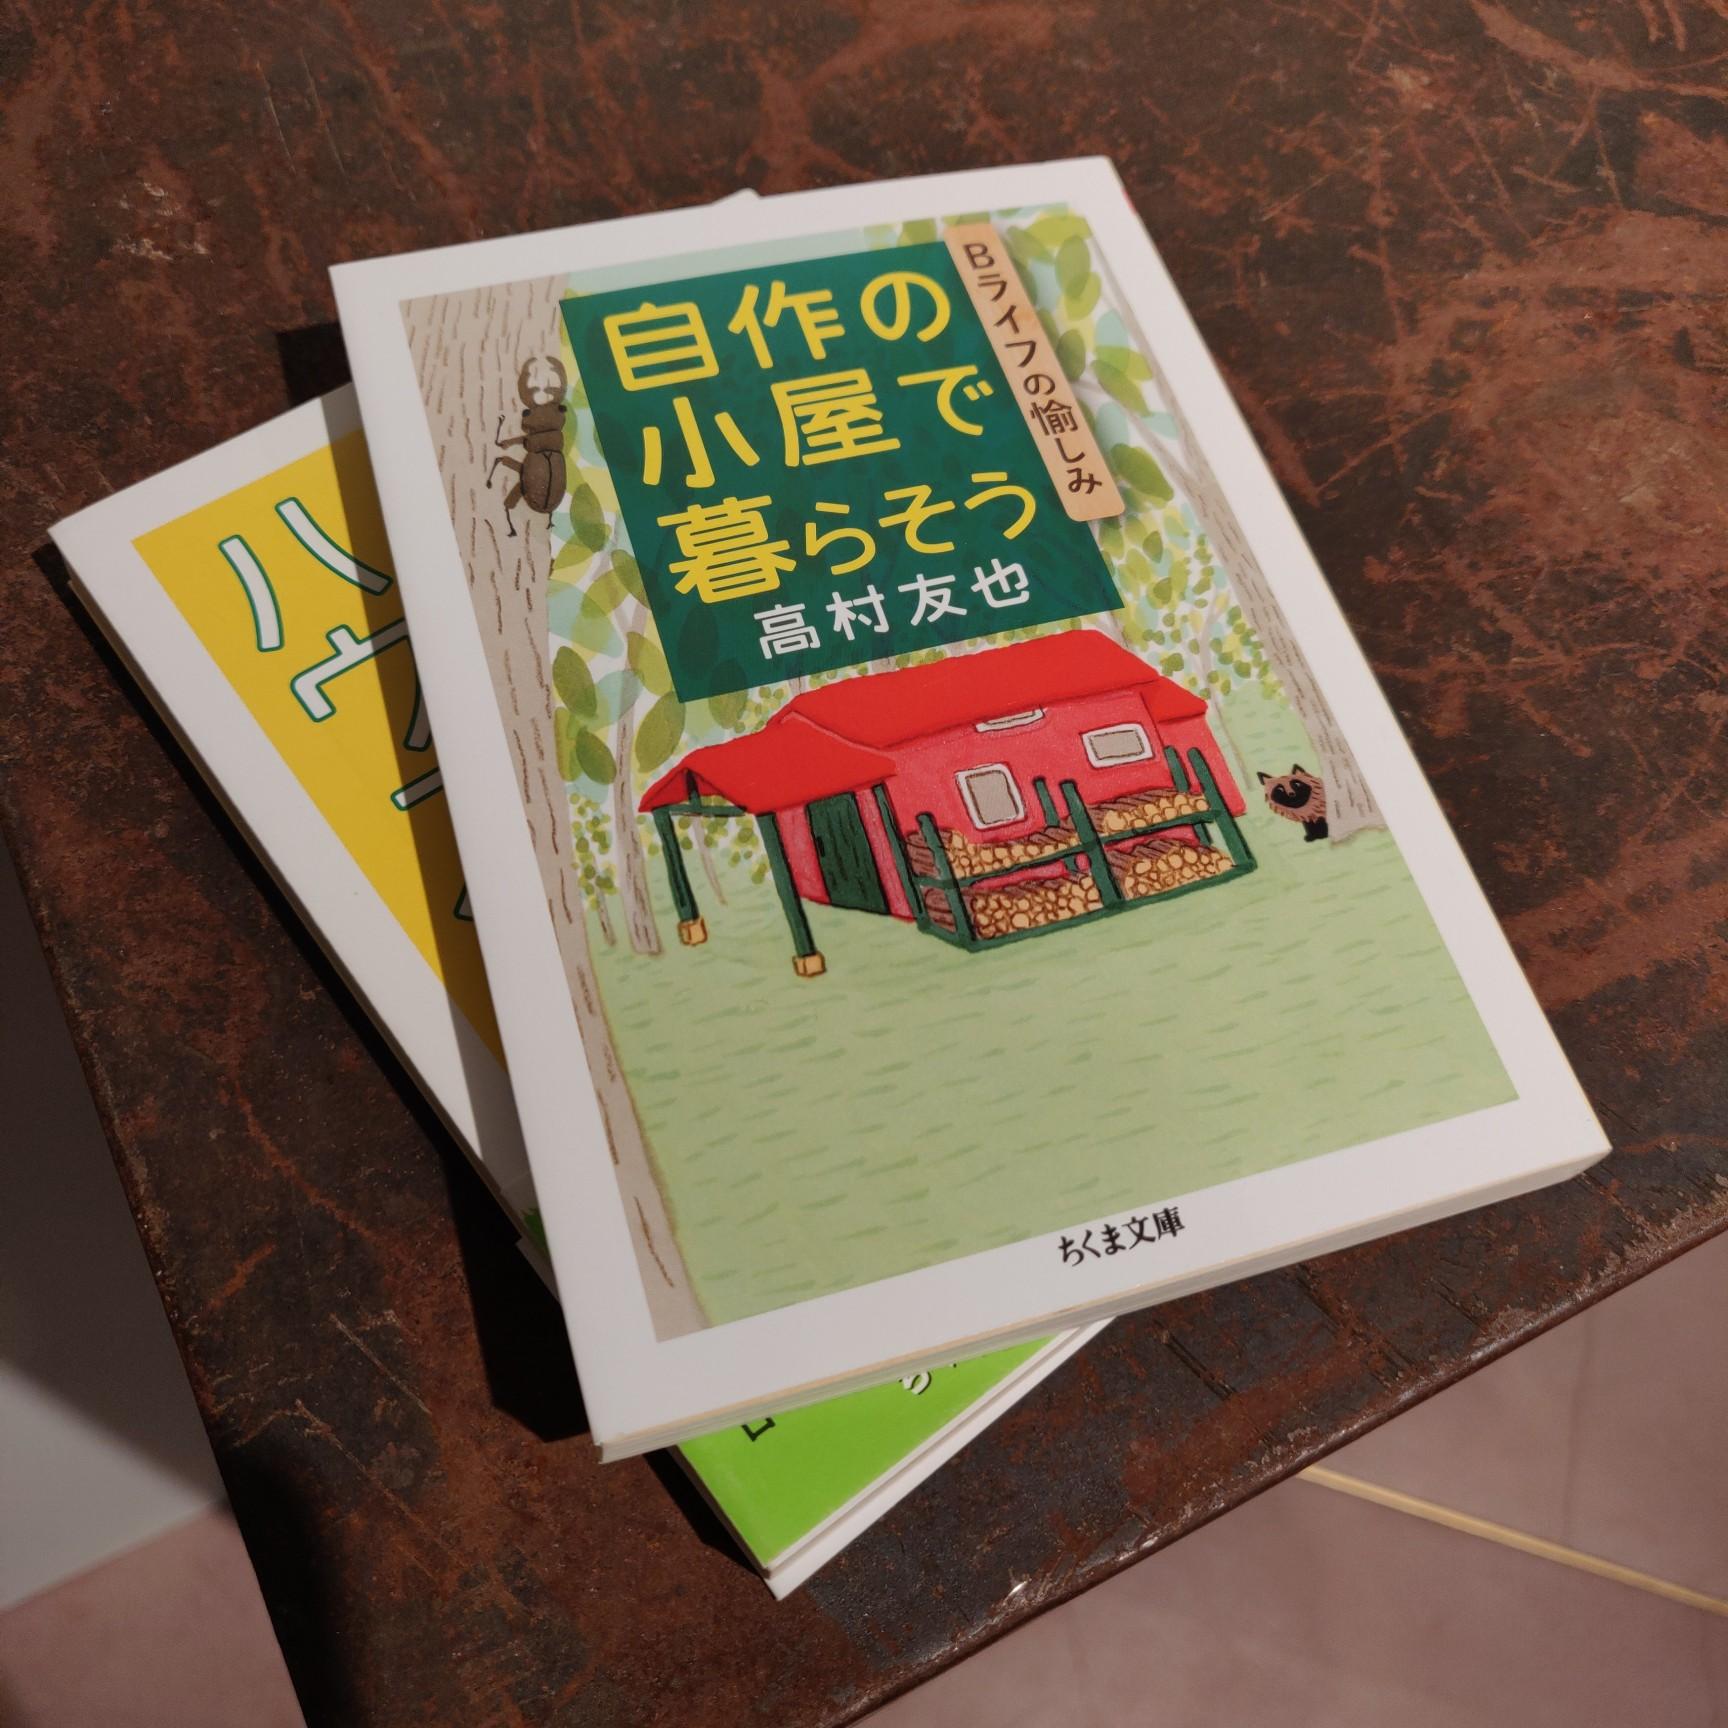 高村友也『自作の小屋で暮らそう』(ちくま文庫)